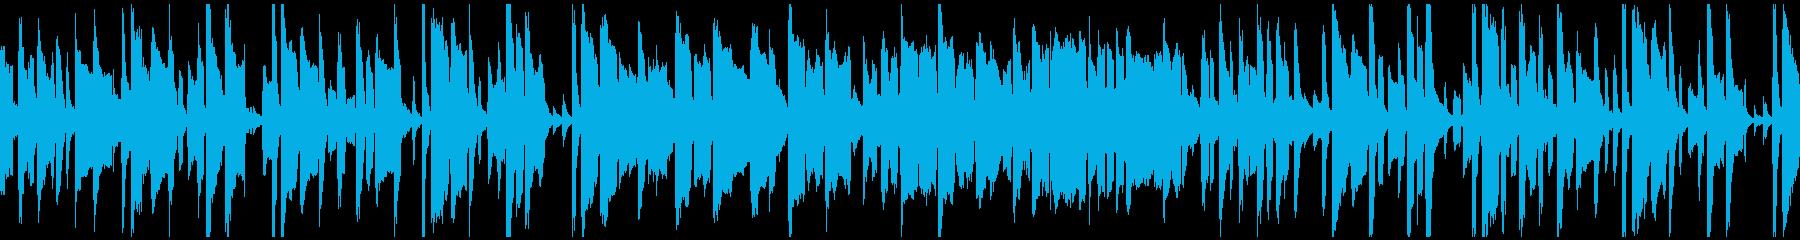 のほほん素朴なリコーダーの劇伴※ループ版の再生済みの波形